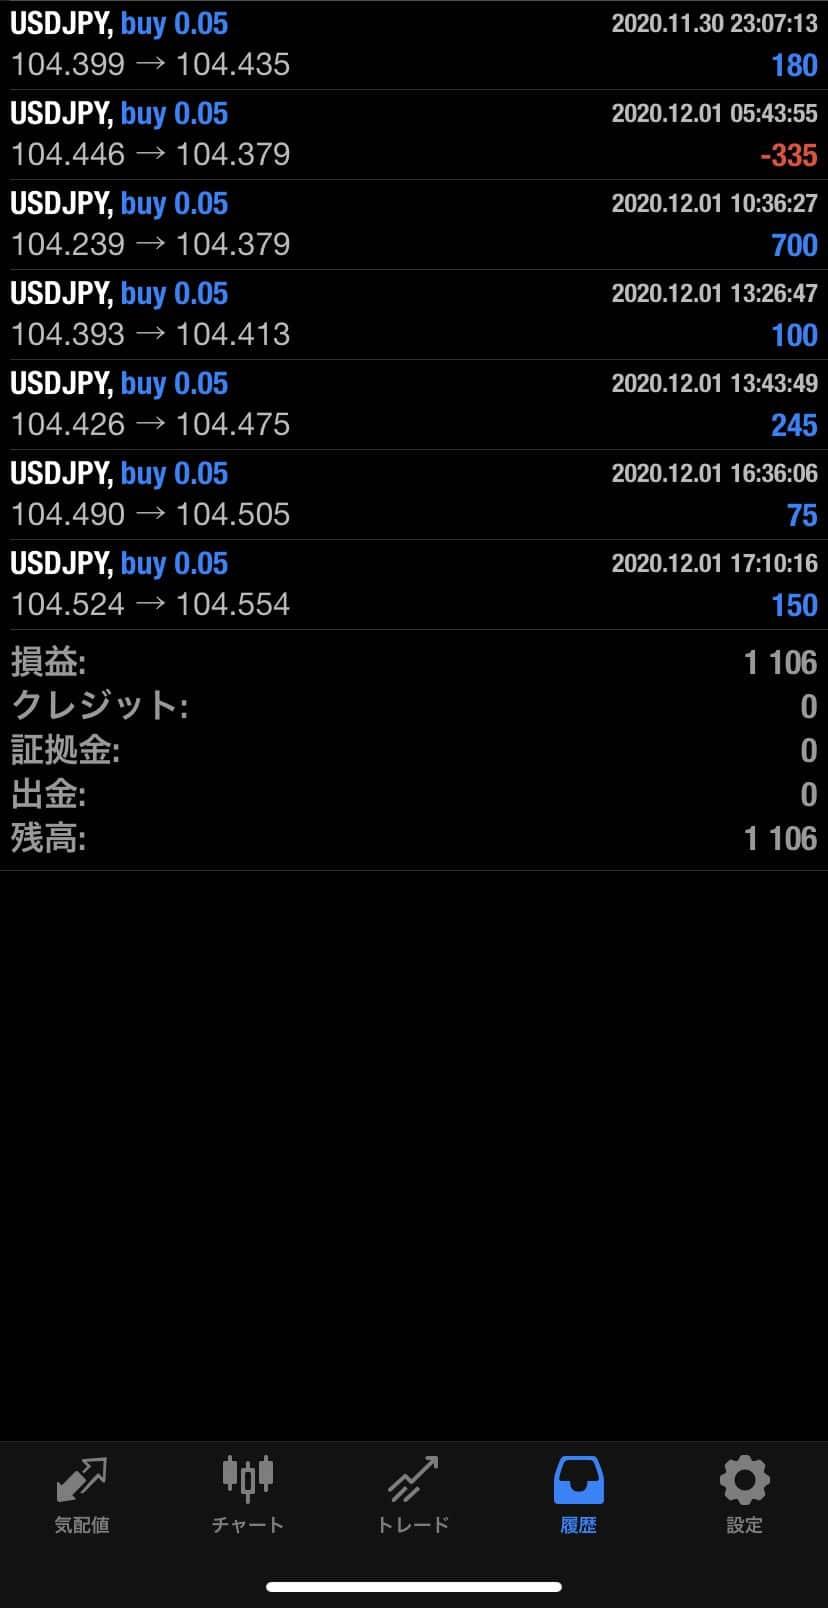 2020年12月1日 USD/JPYバージョン1,106円